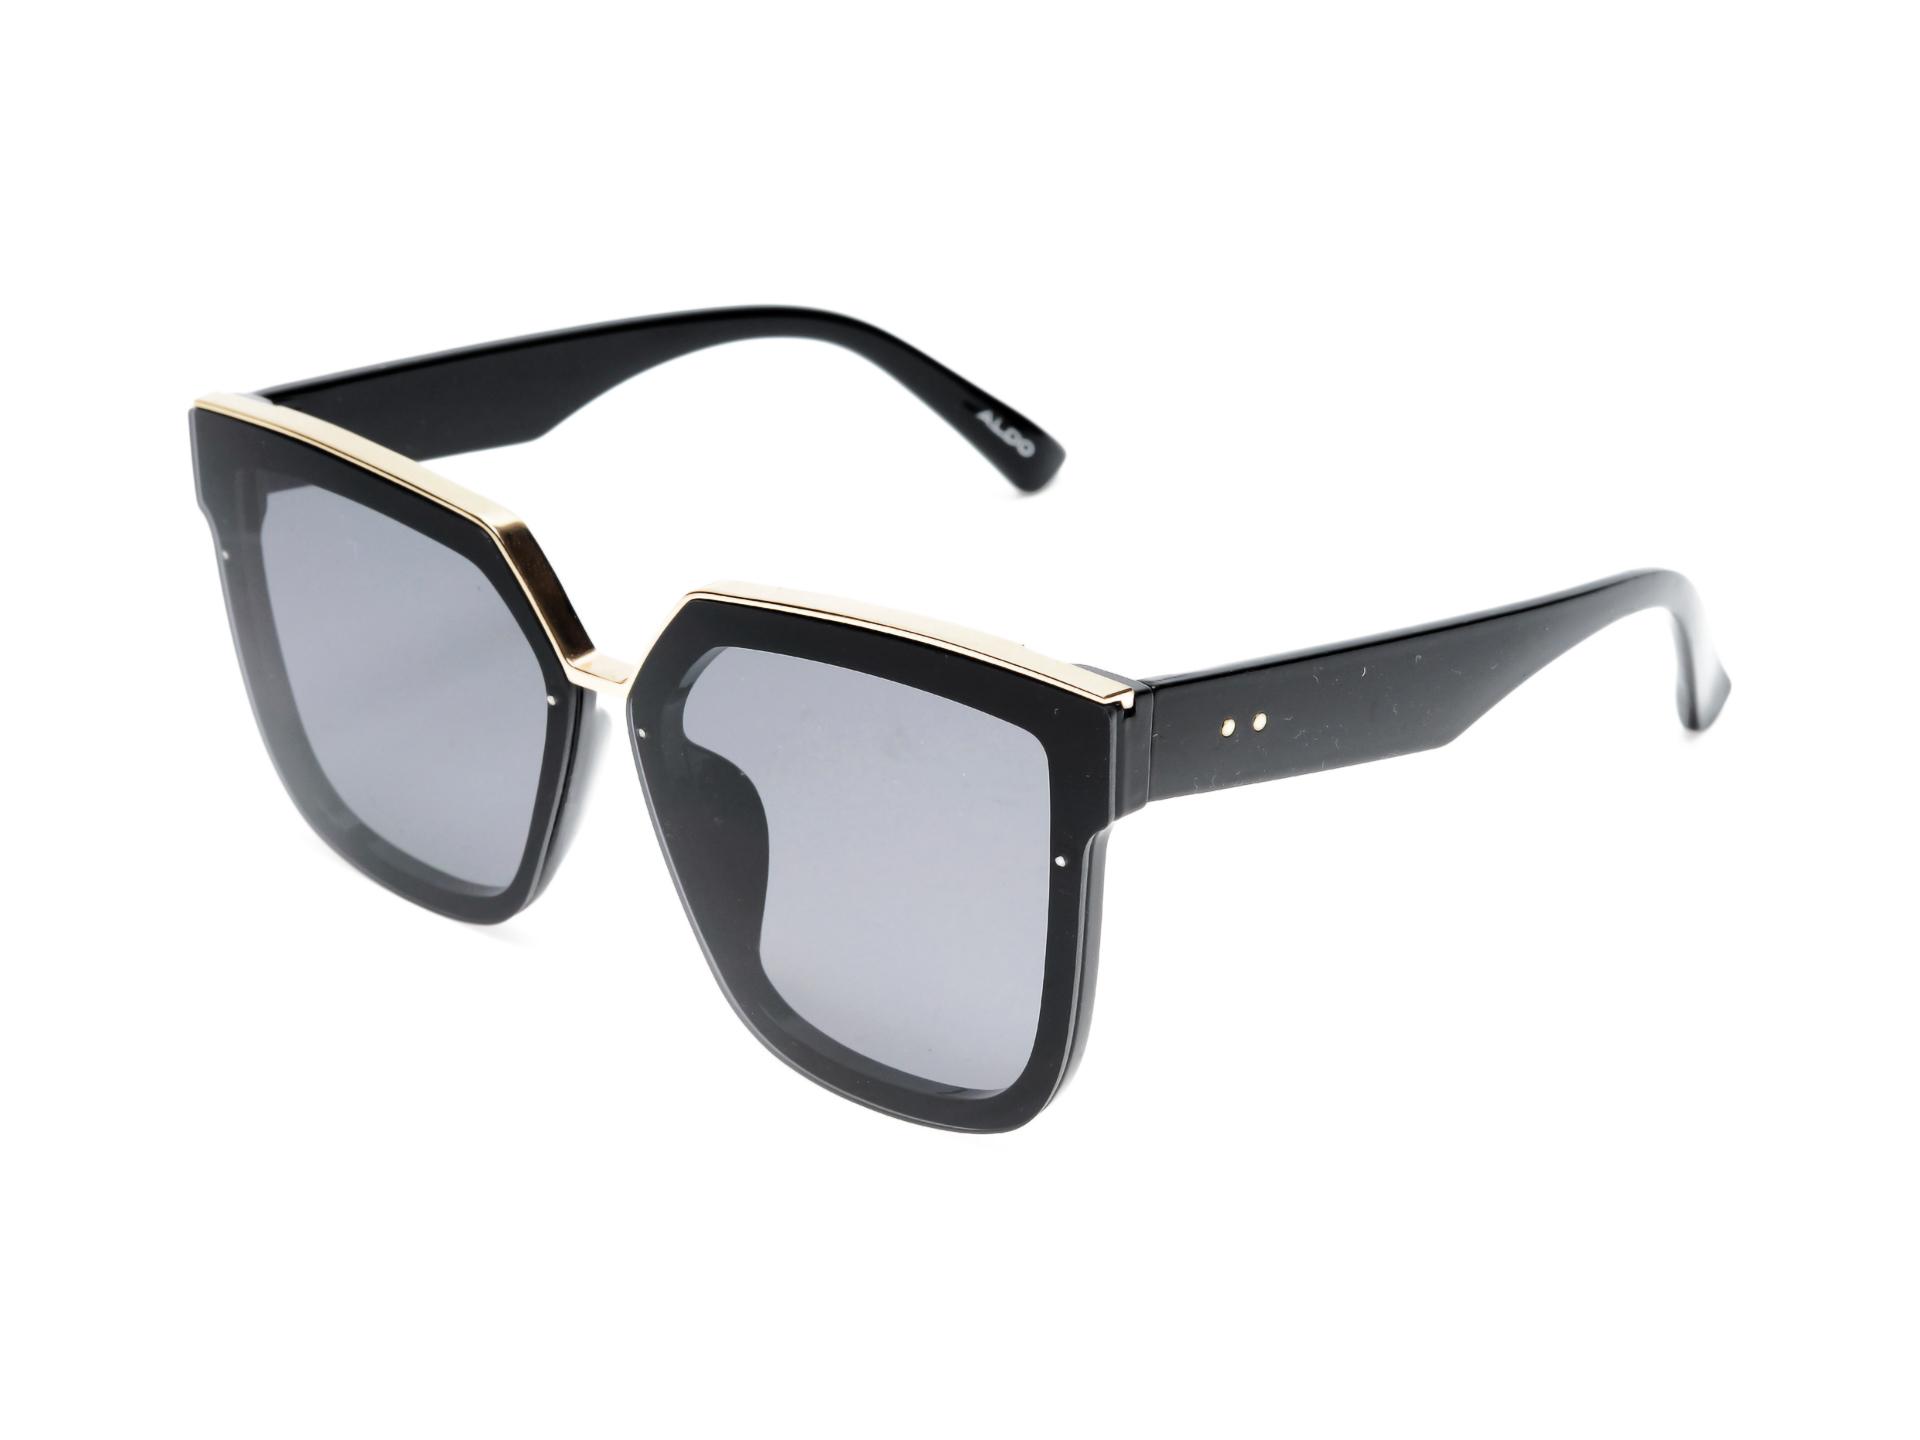 Ochelari de soare ALDO negri, Araxi970, din plastic imagine